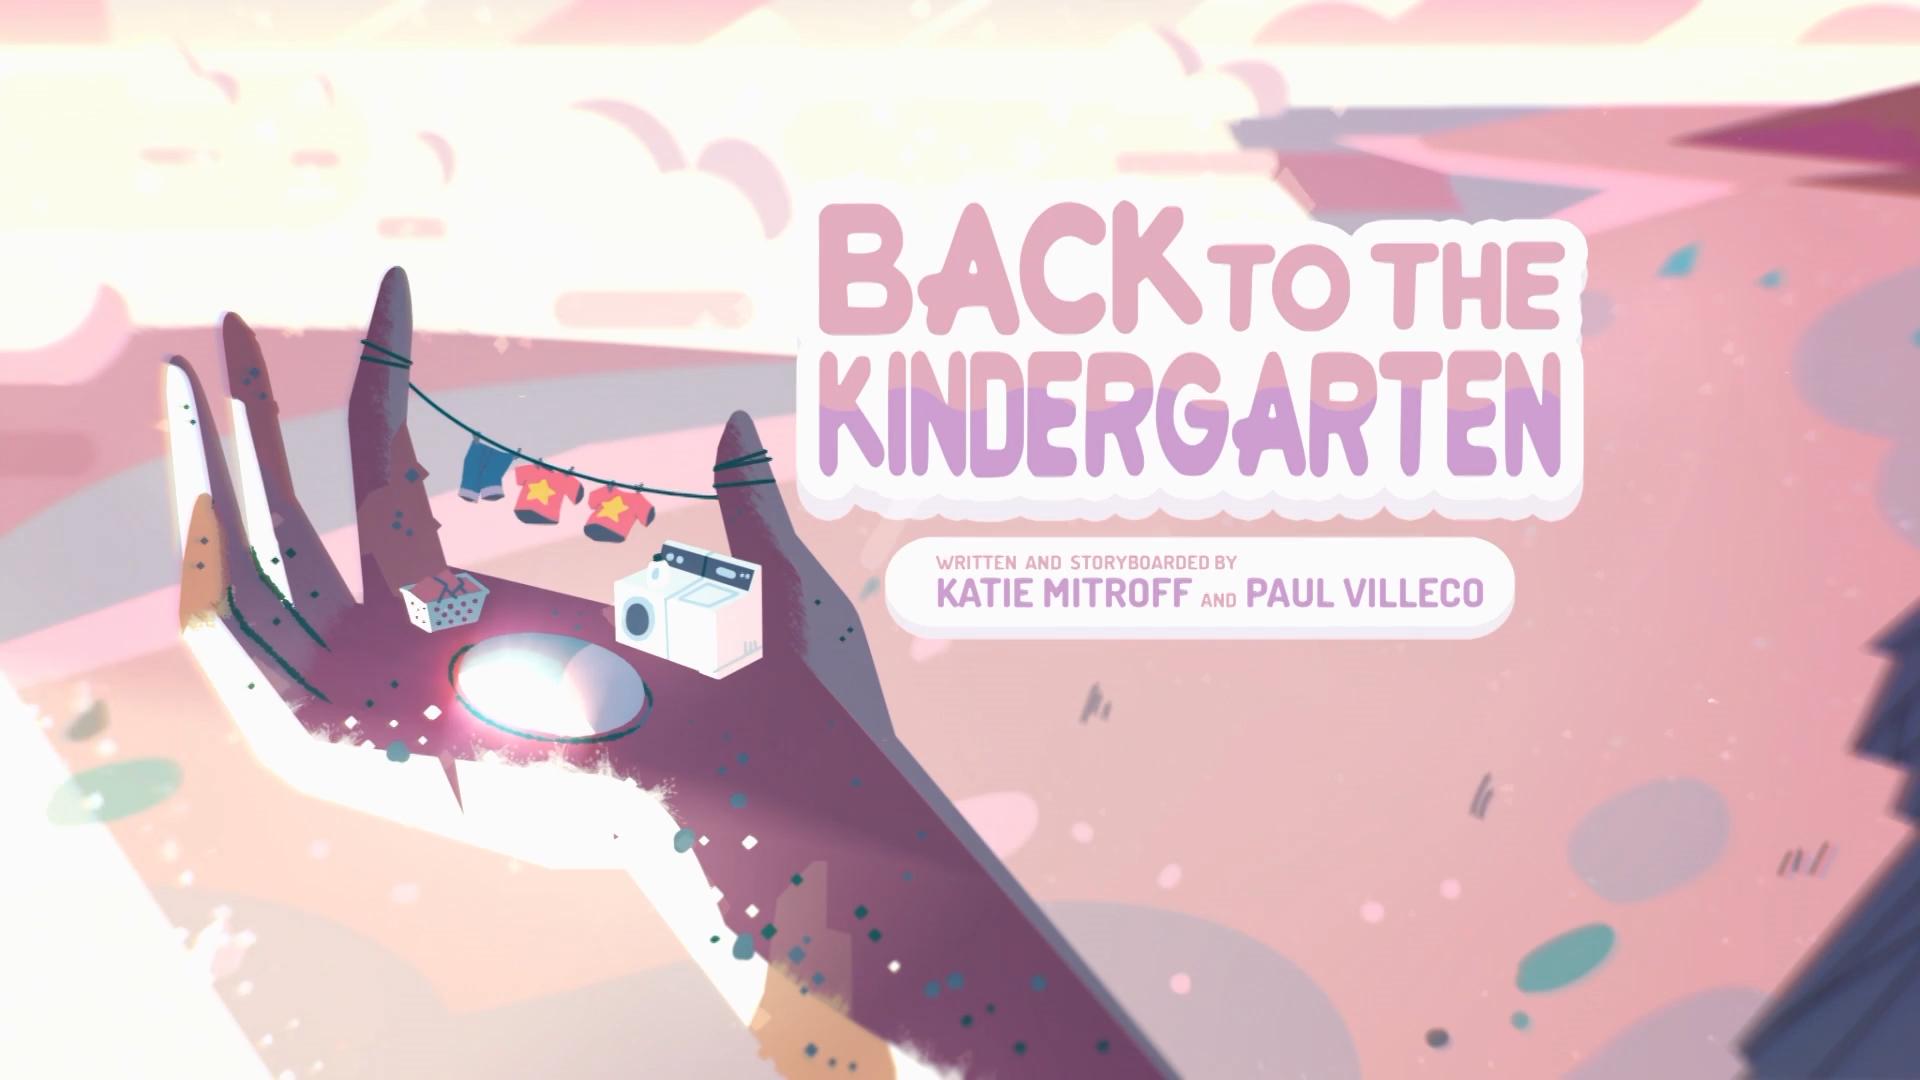 Back to the Kindergarten/Gallery